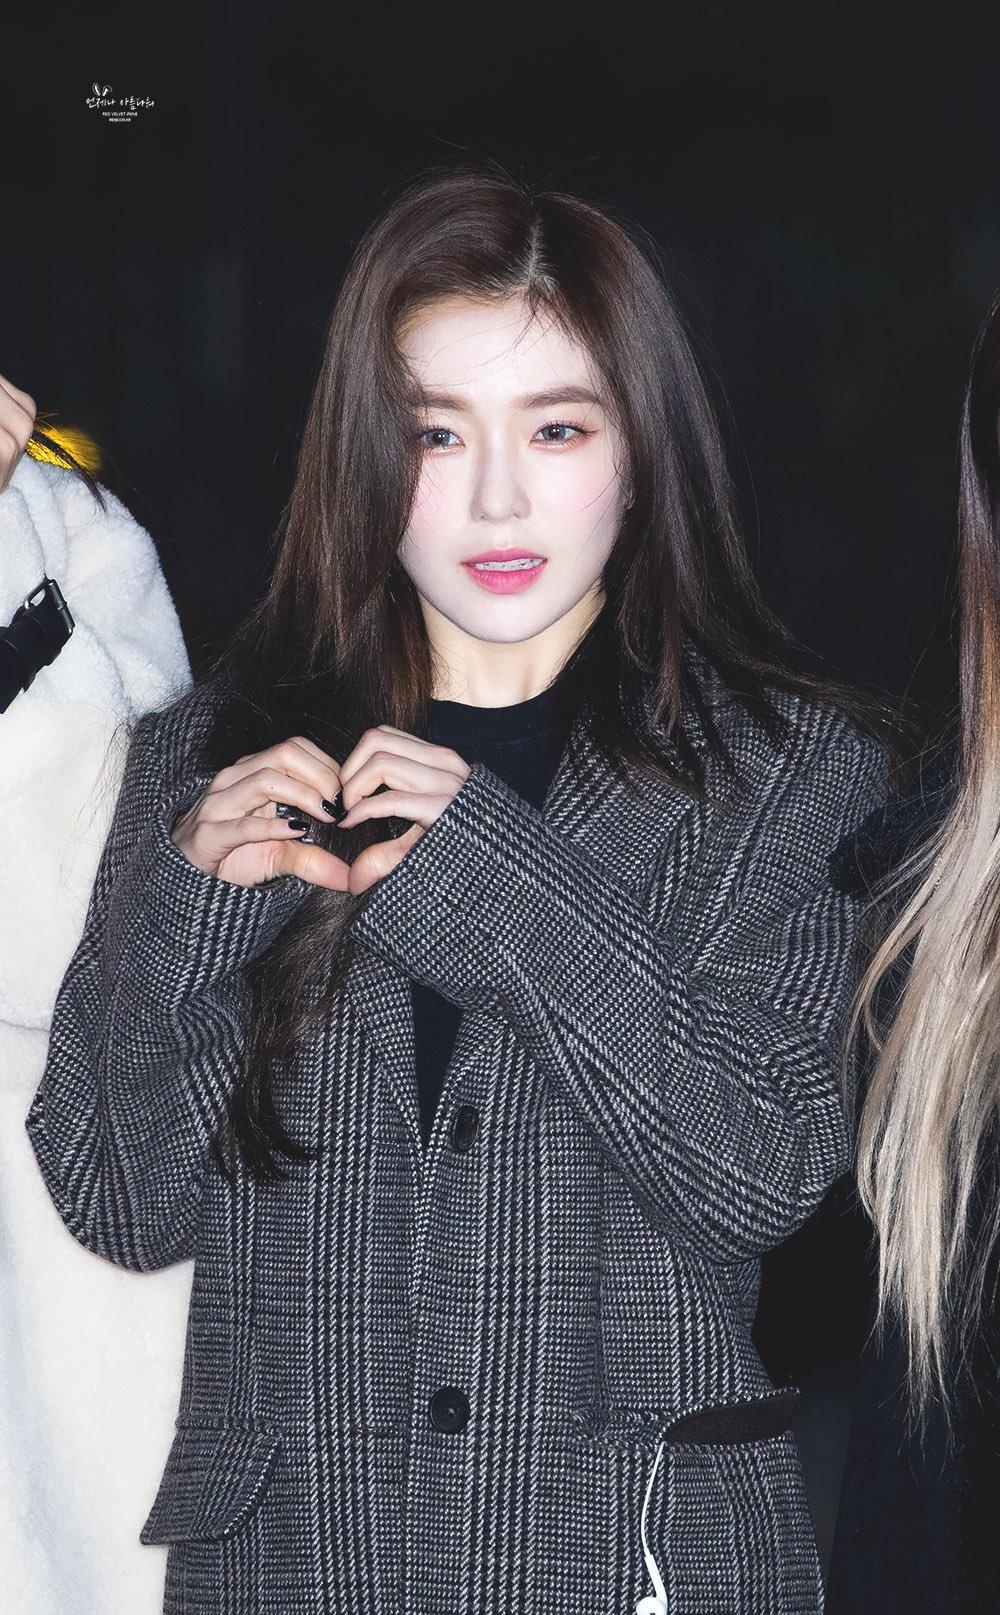 진짜 추워보였던 코트 입은 레드벨벳 아이린 출근길 - 꾸르